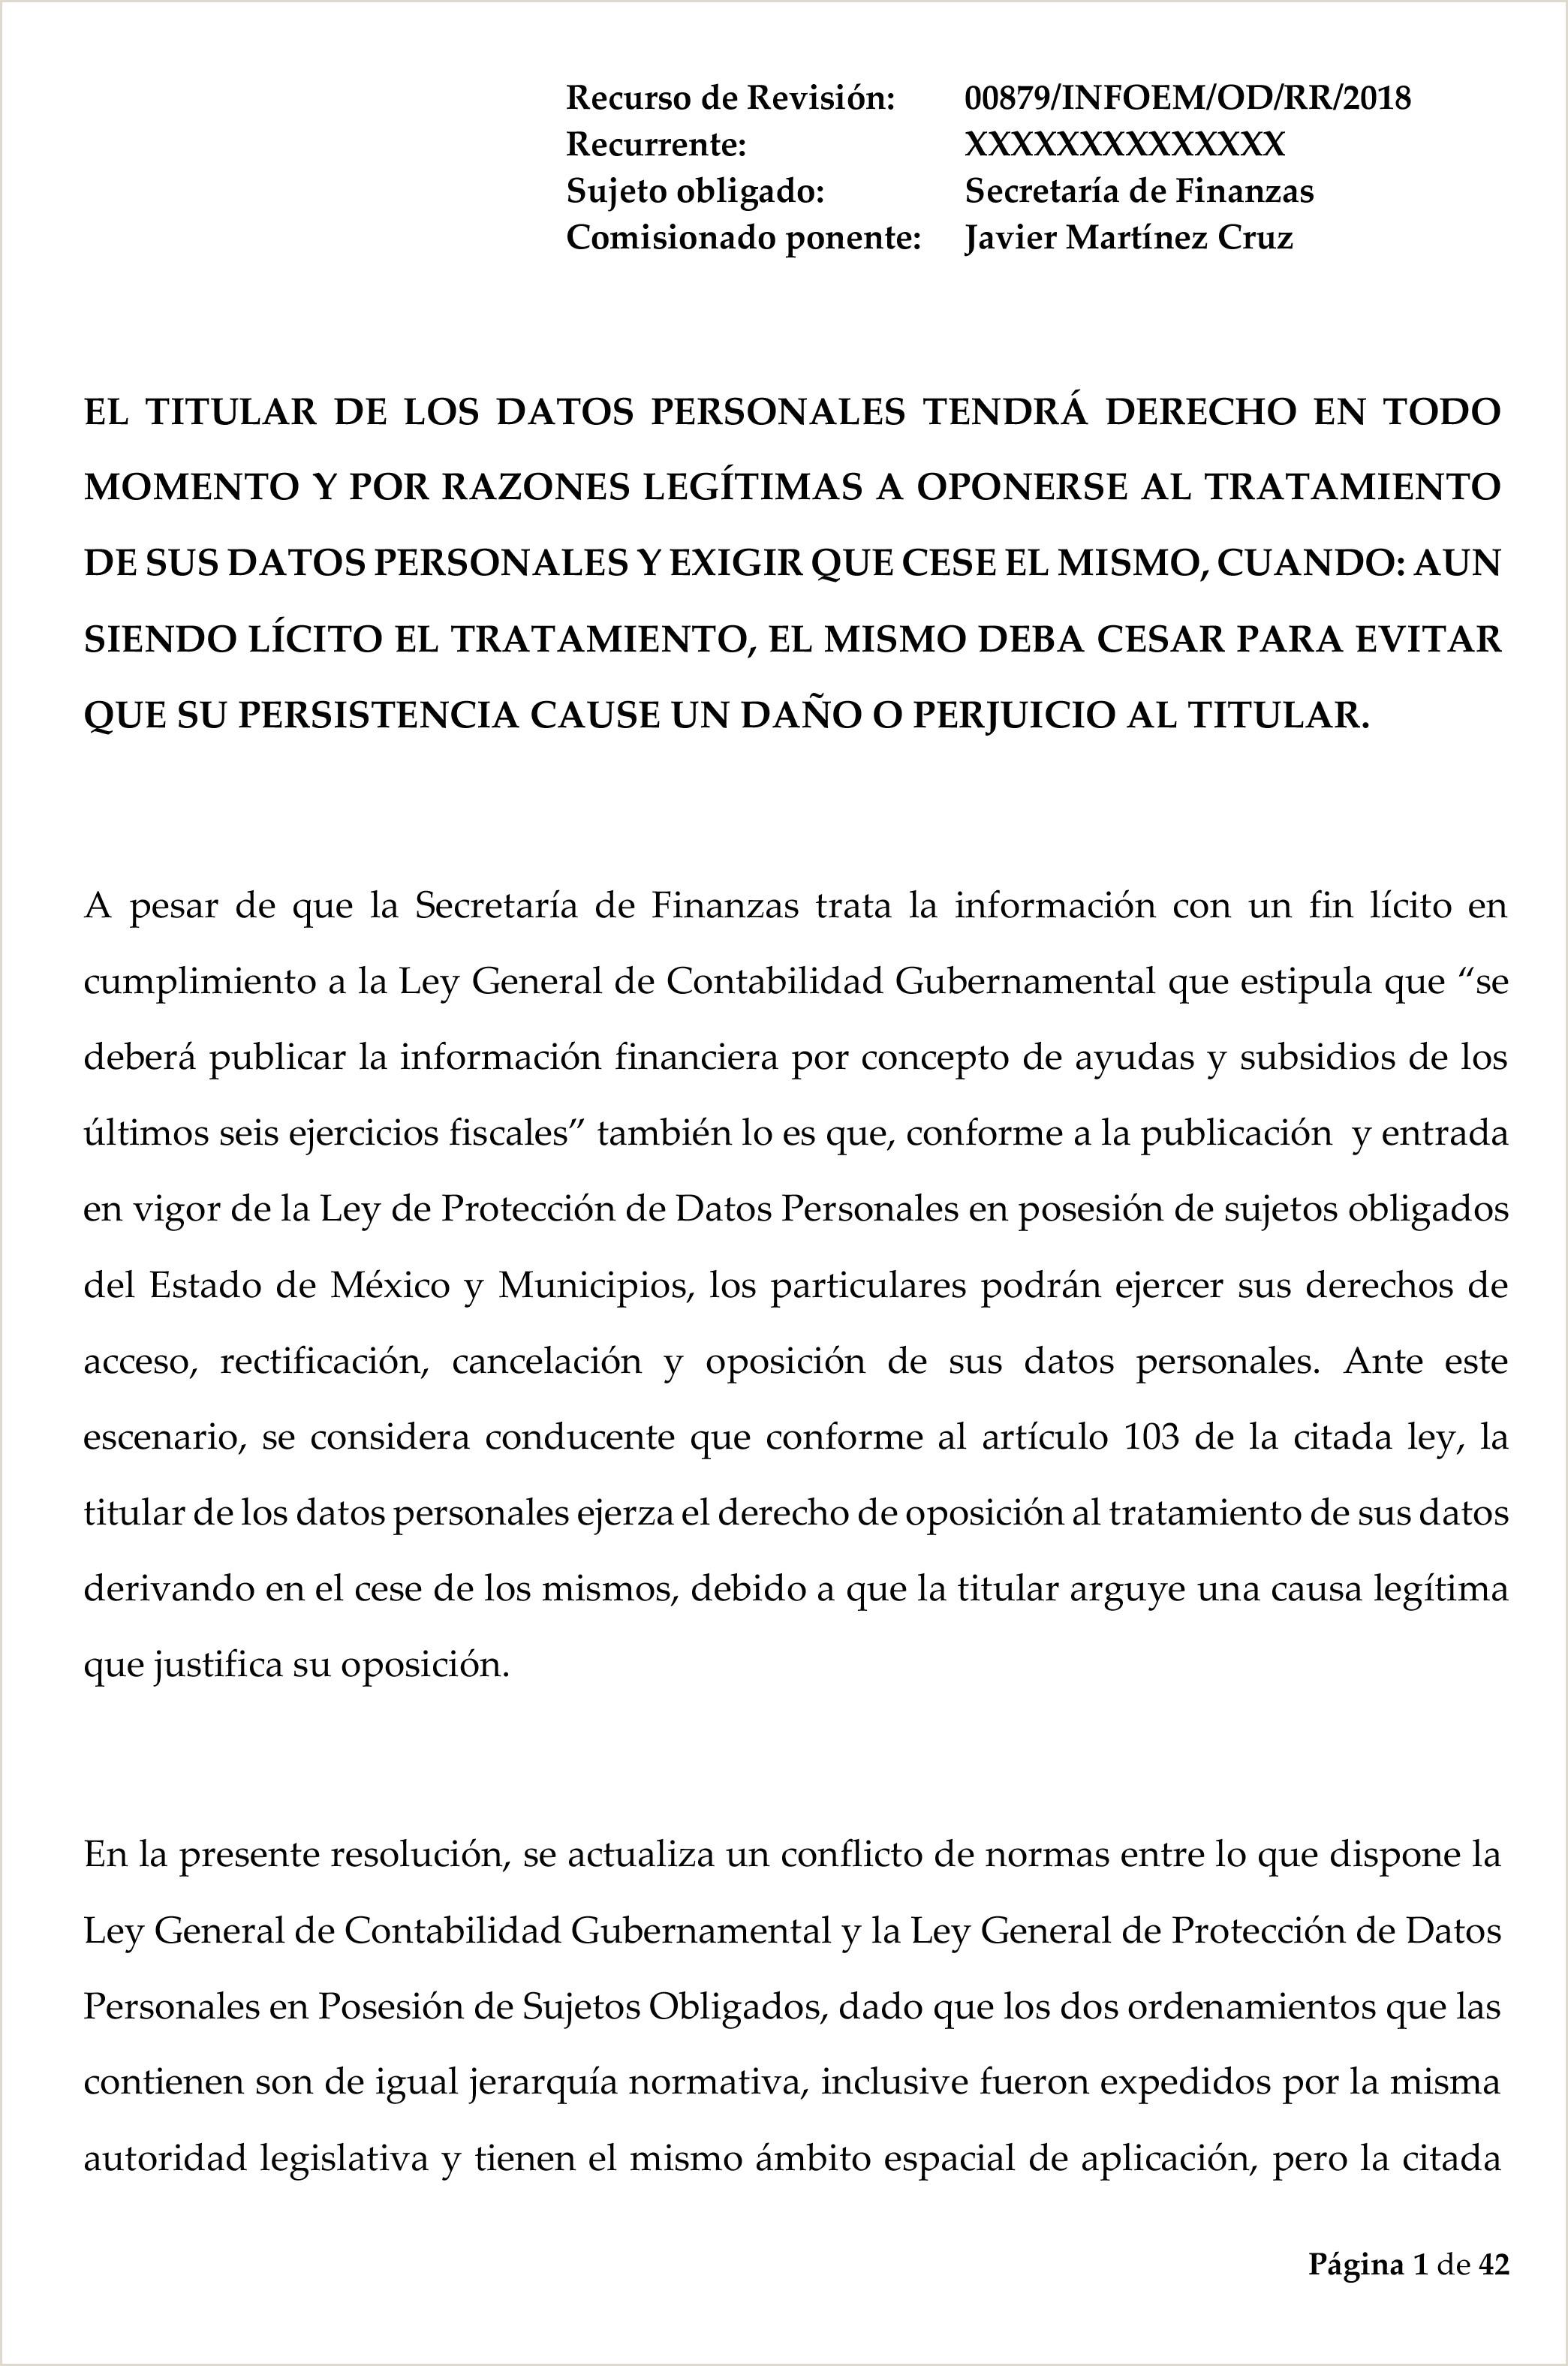 Formato Hoja De Vida De La Funcion Publica Word Instituto Veracruzano De Acceso A La Informaci³n Y De